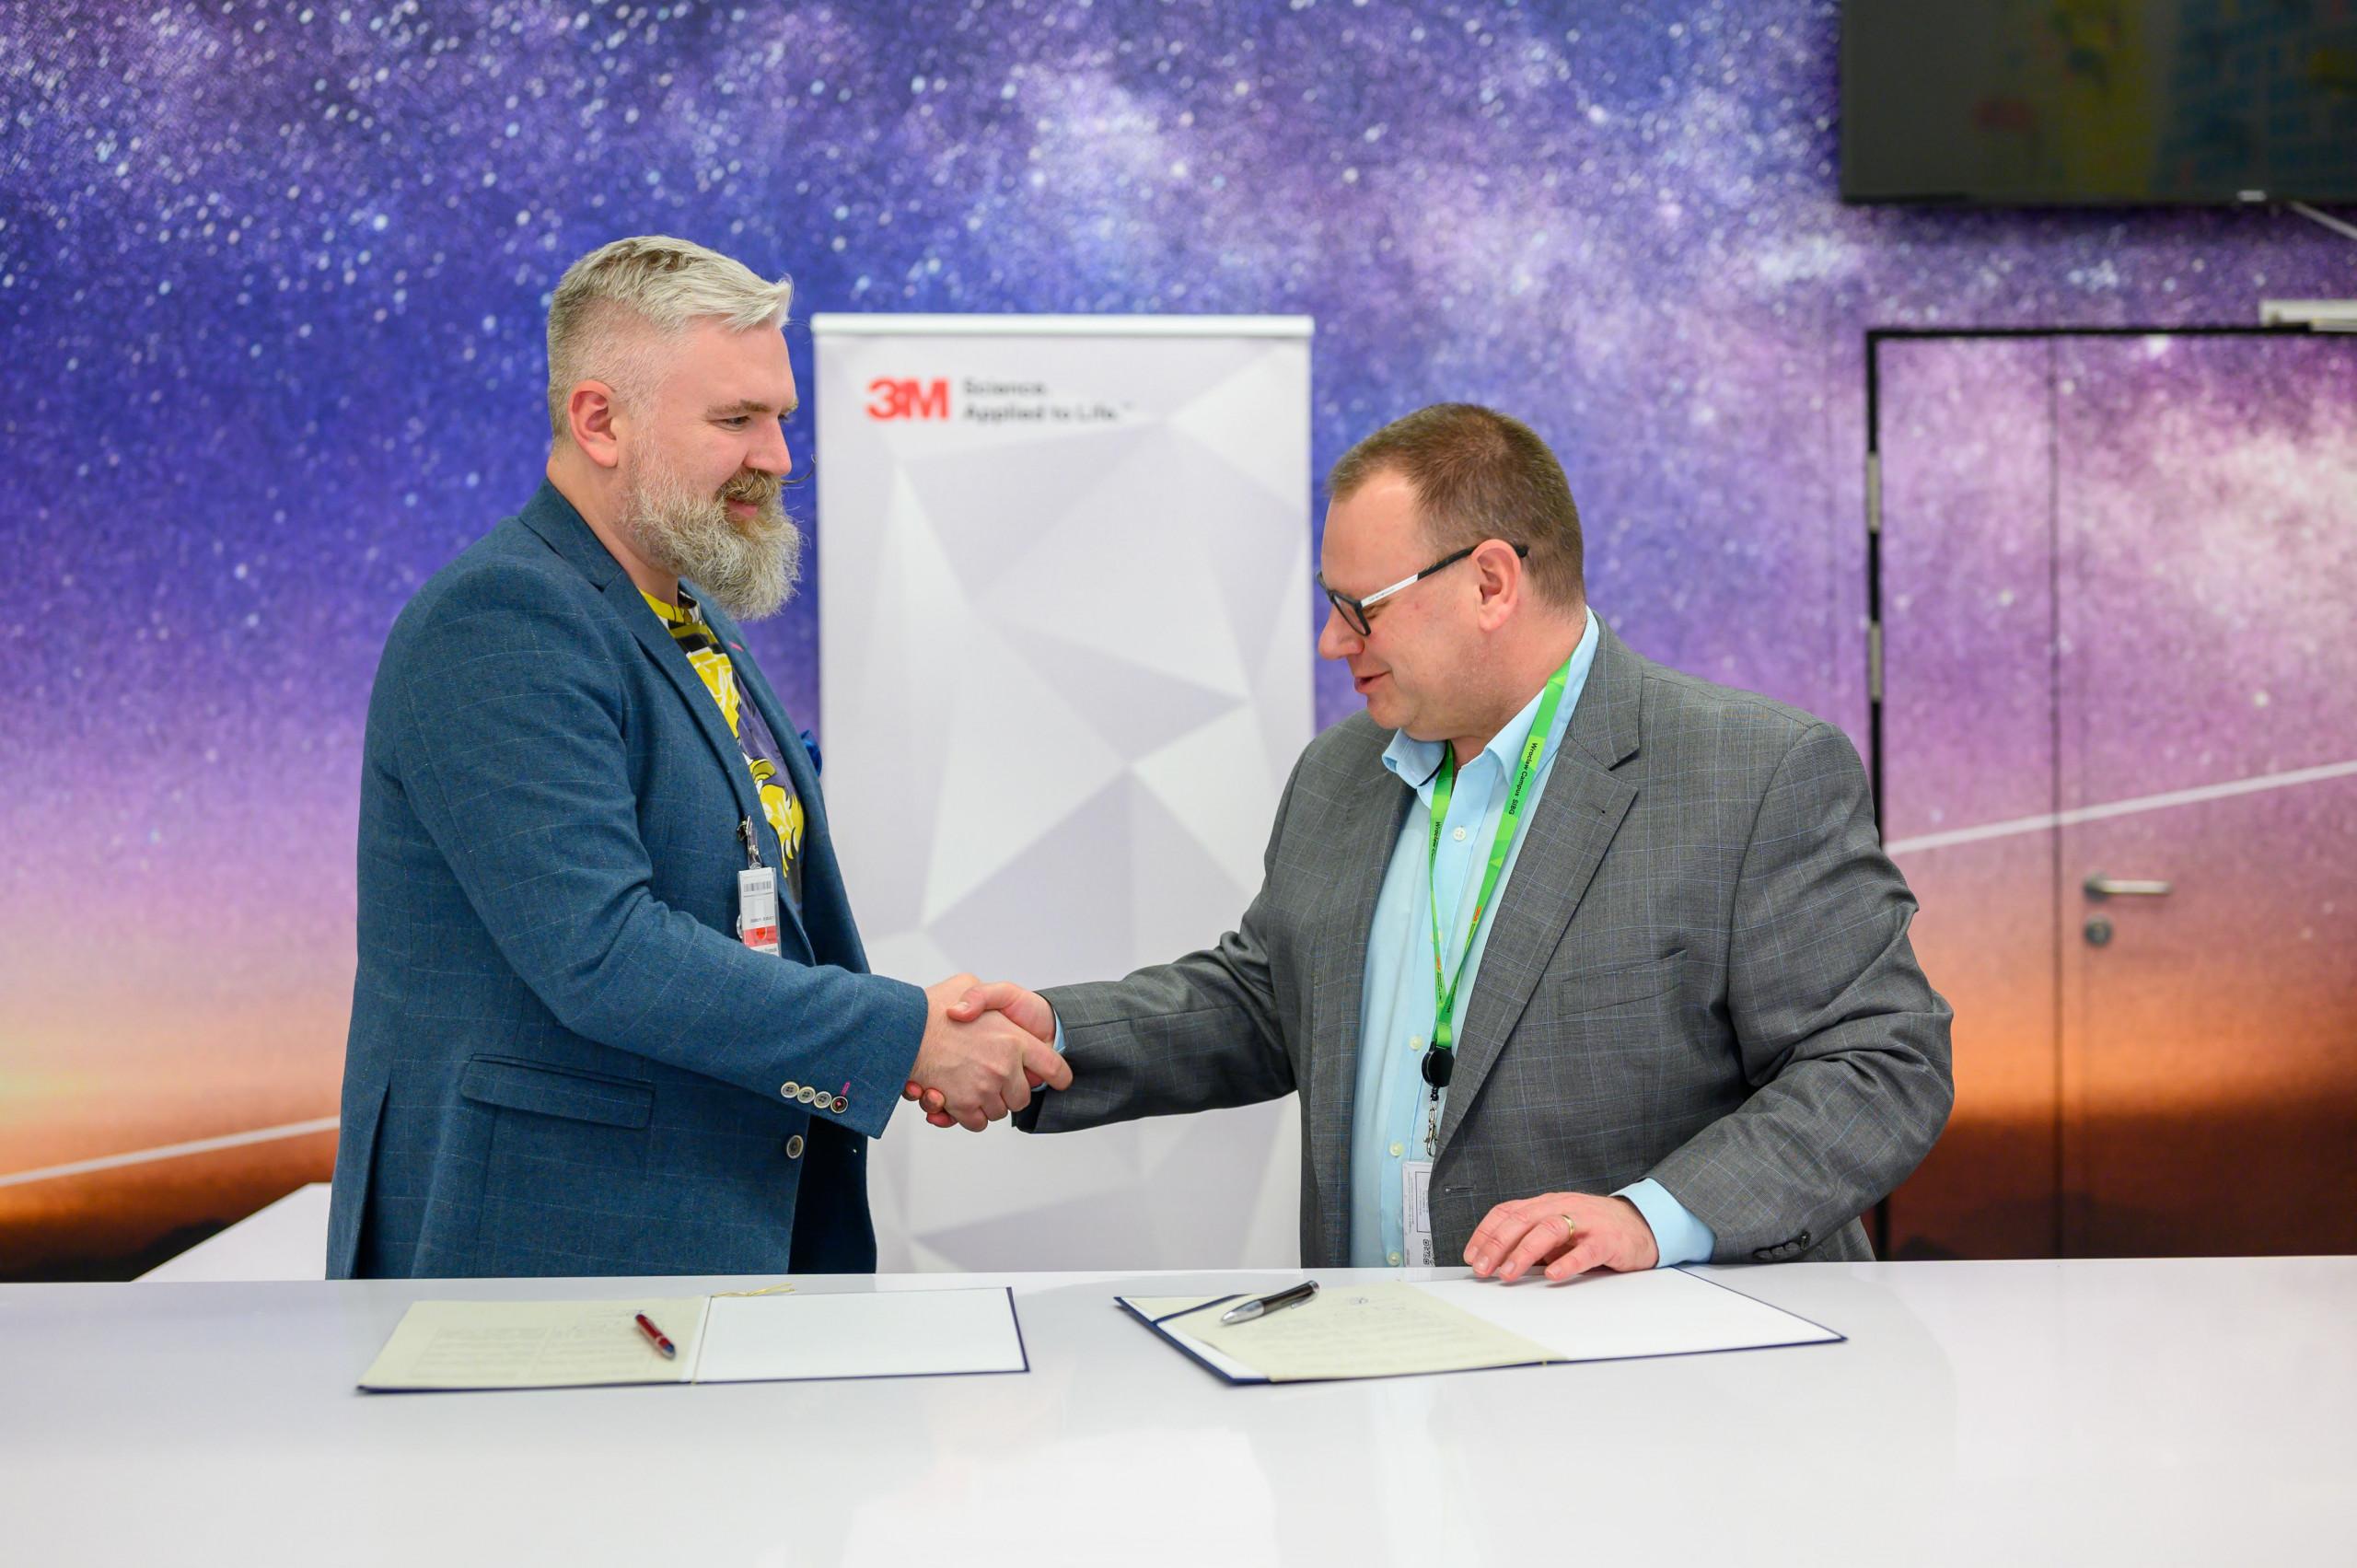 Ponad 20 firm dołączyło do platformy współpracy WPT i 3M